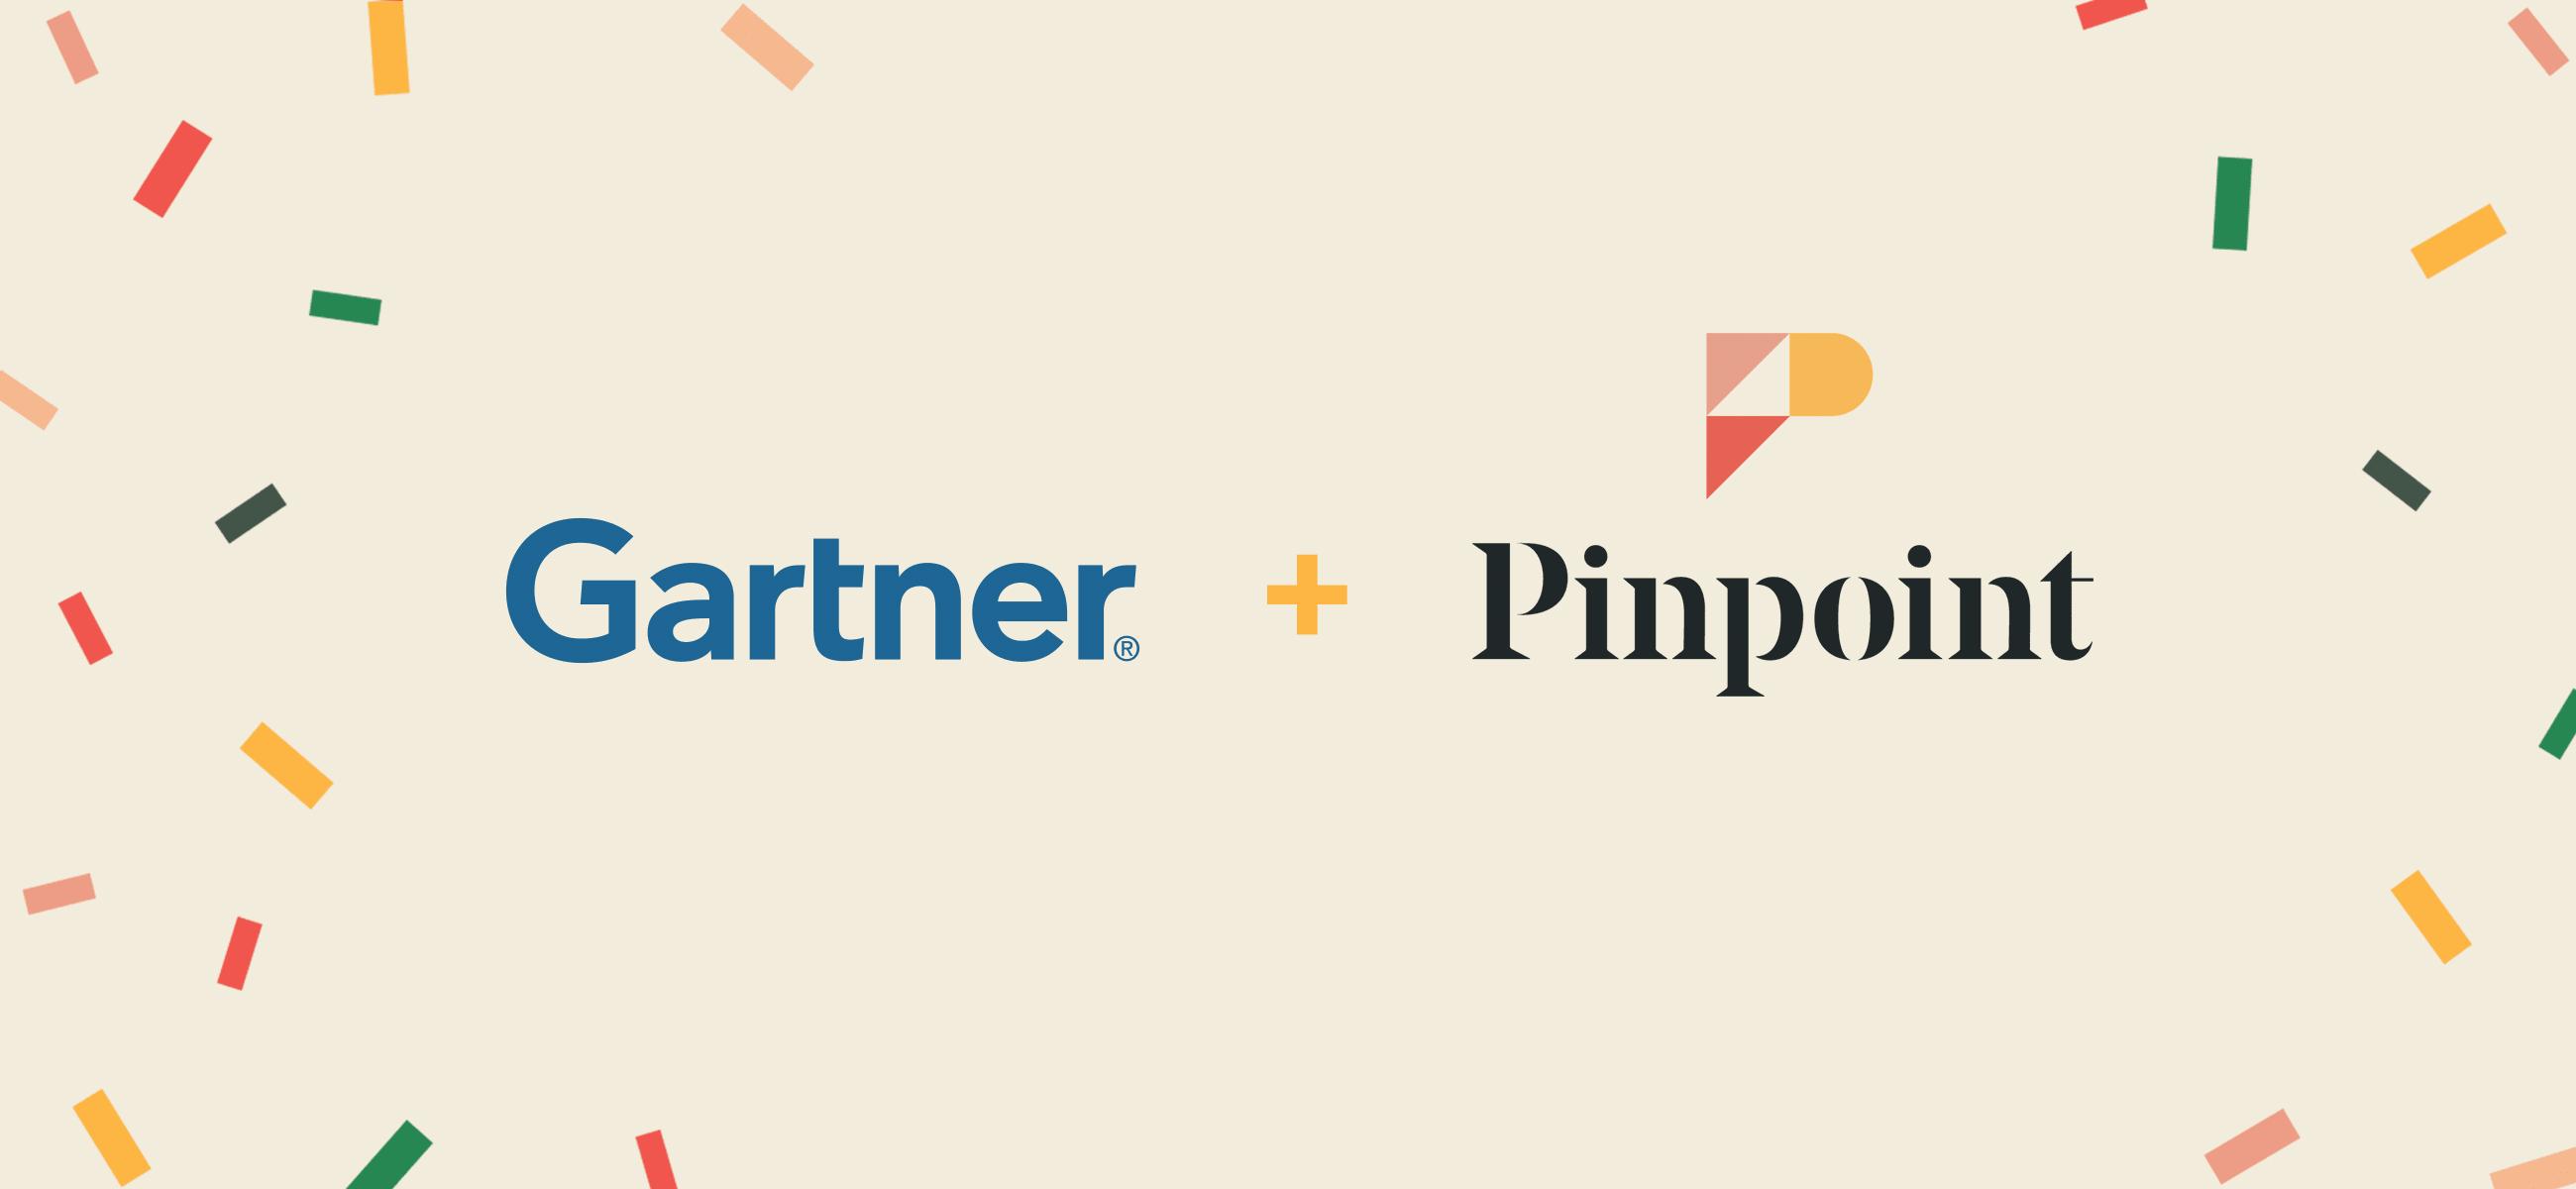 Pinpoint Garnter